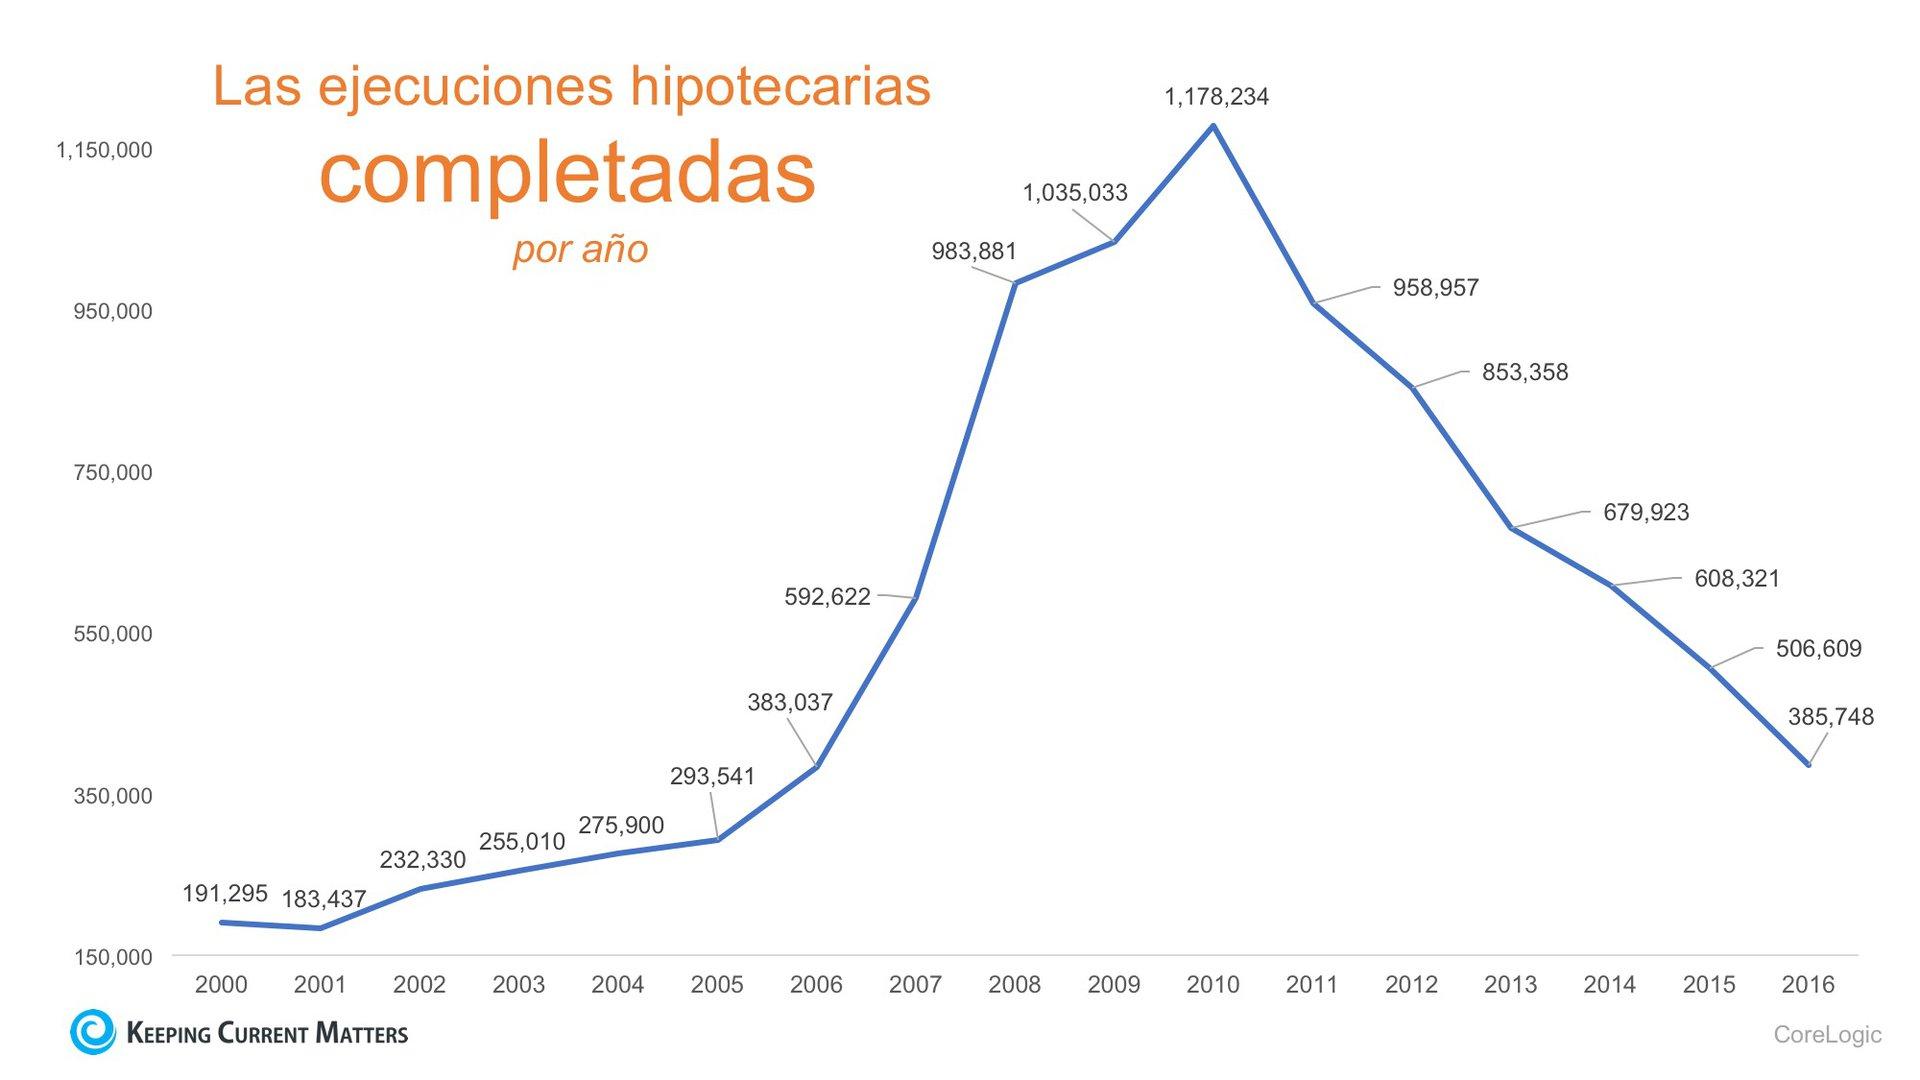 La crisis de ejecuciones hipotecarias: 10 años después | Keeping Current Matters